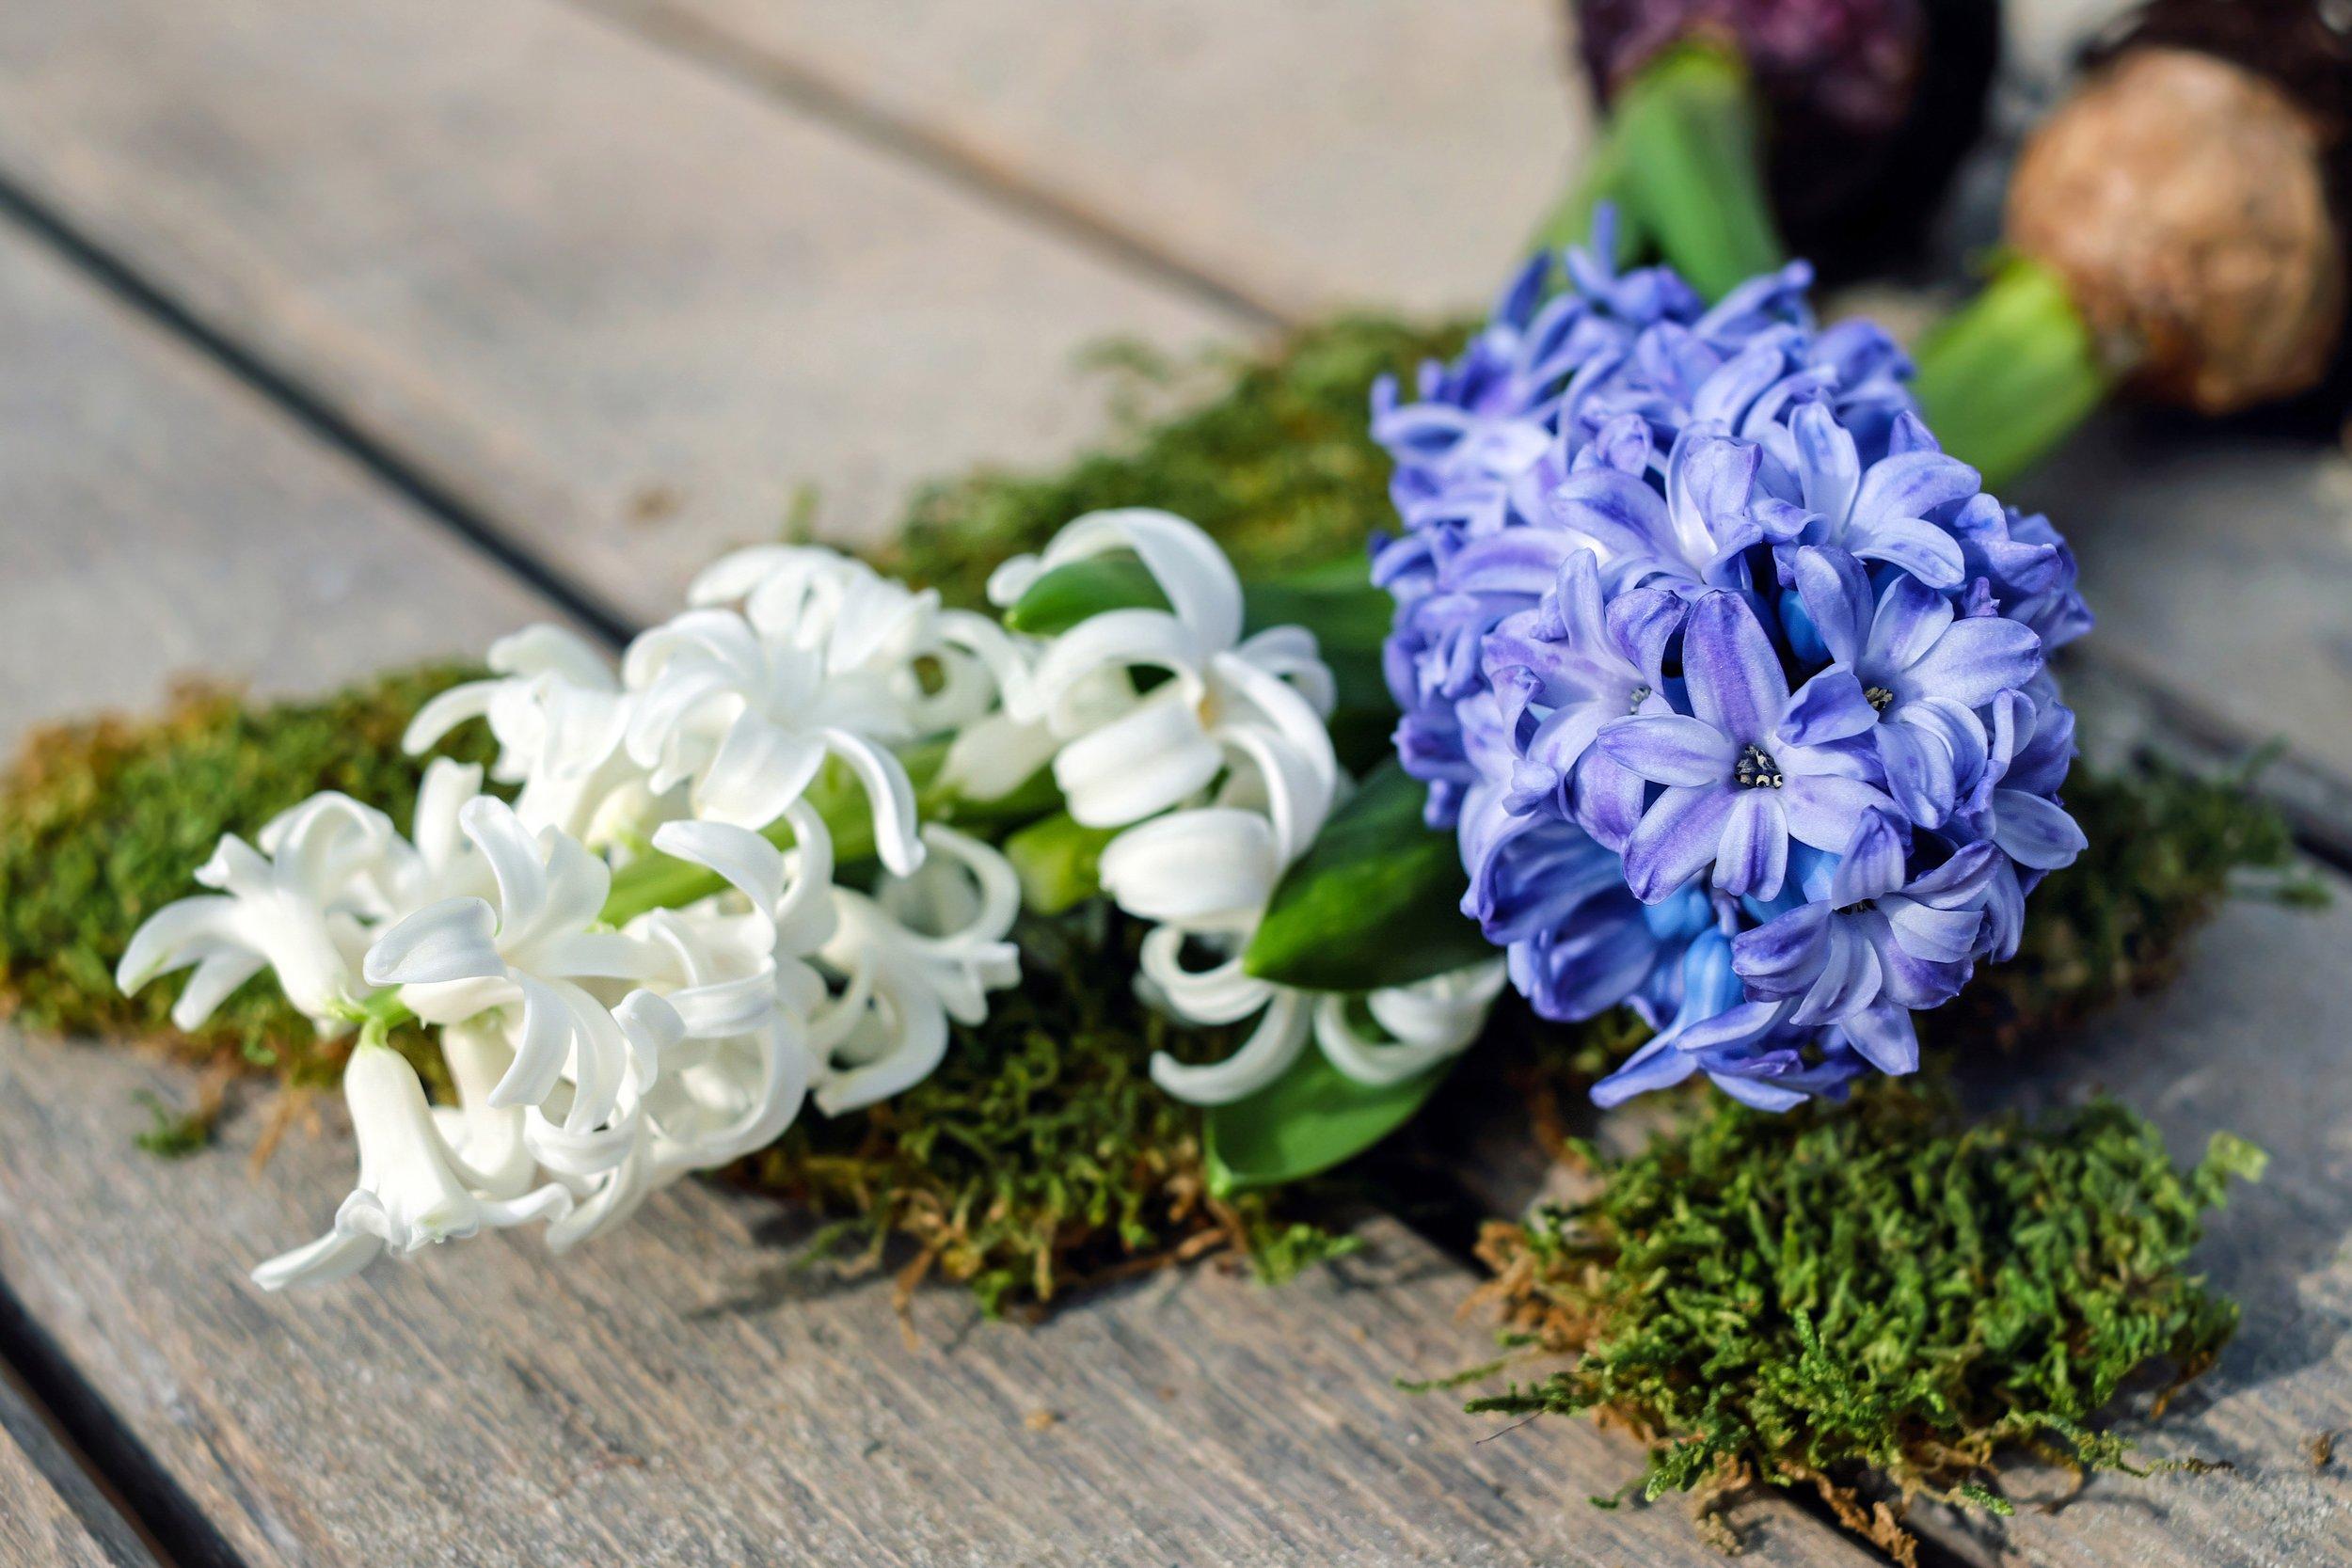 hyacinth-2119049.jpg